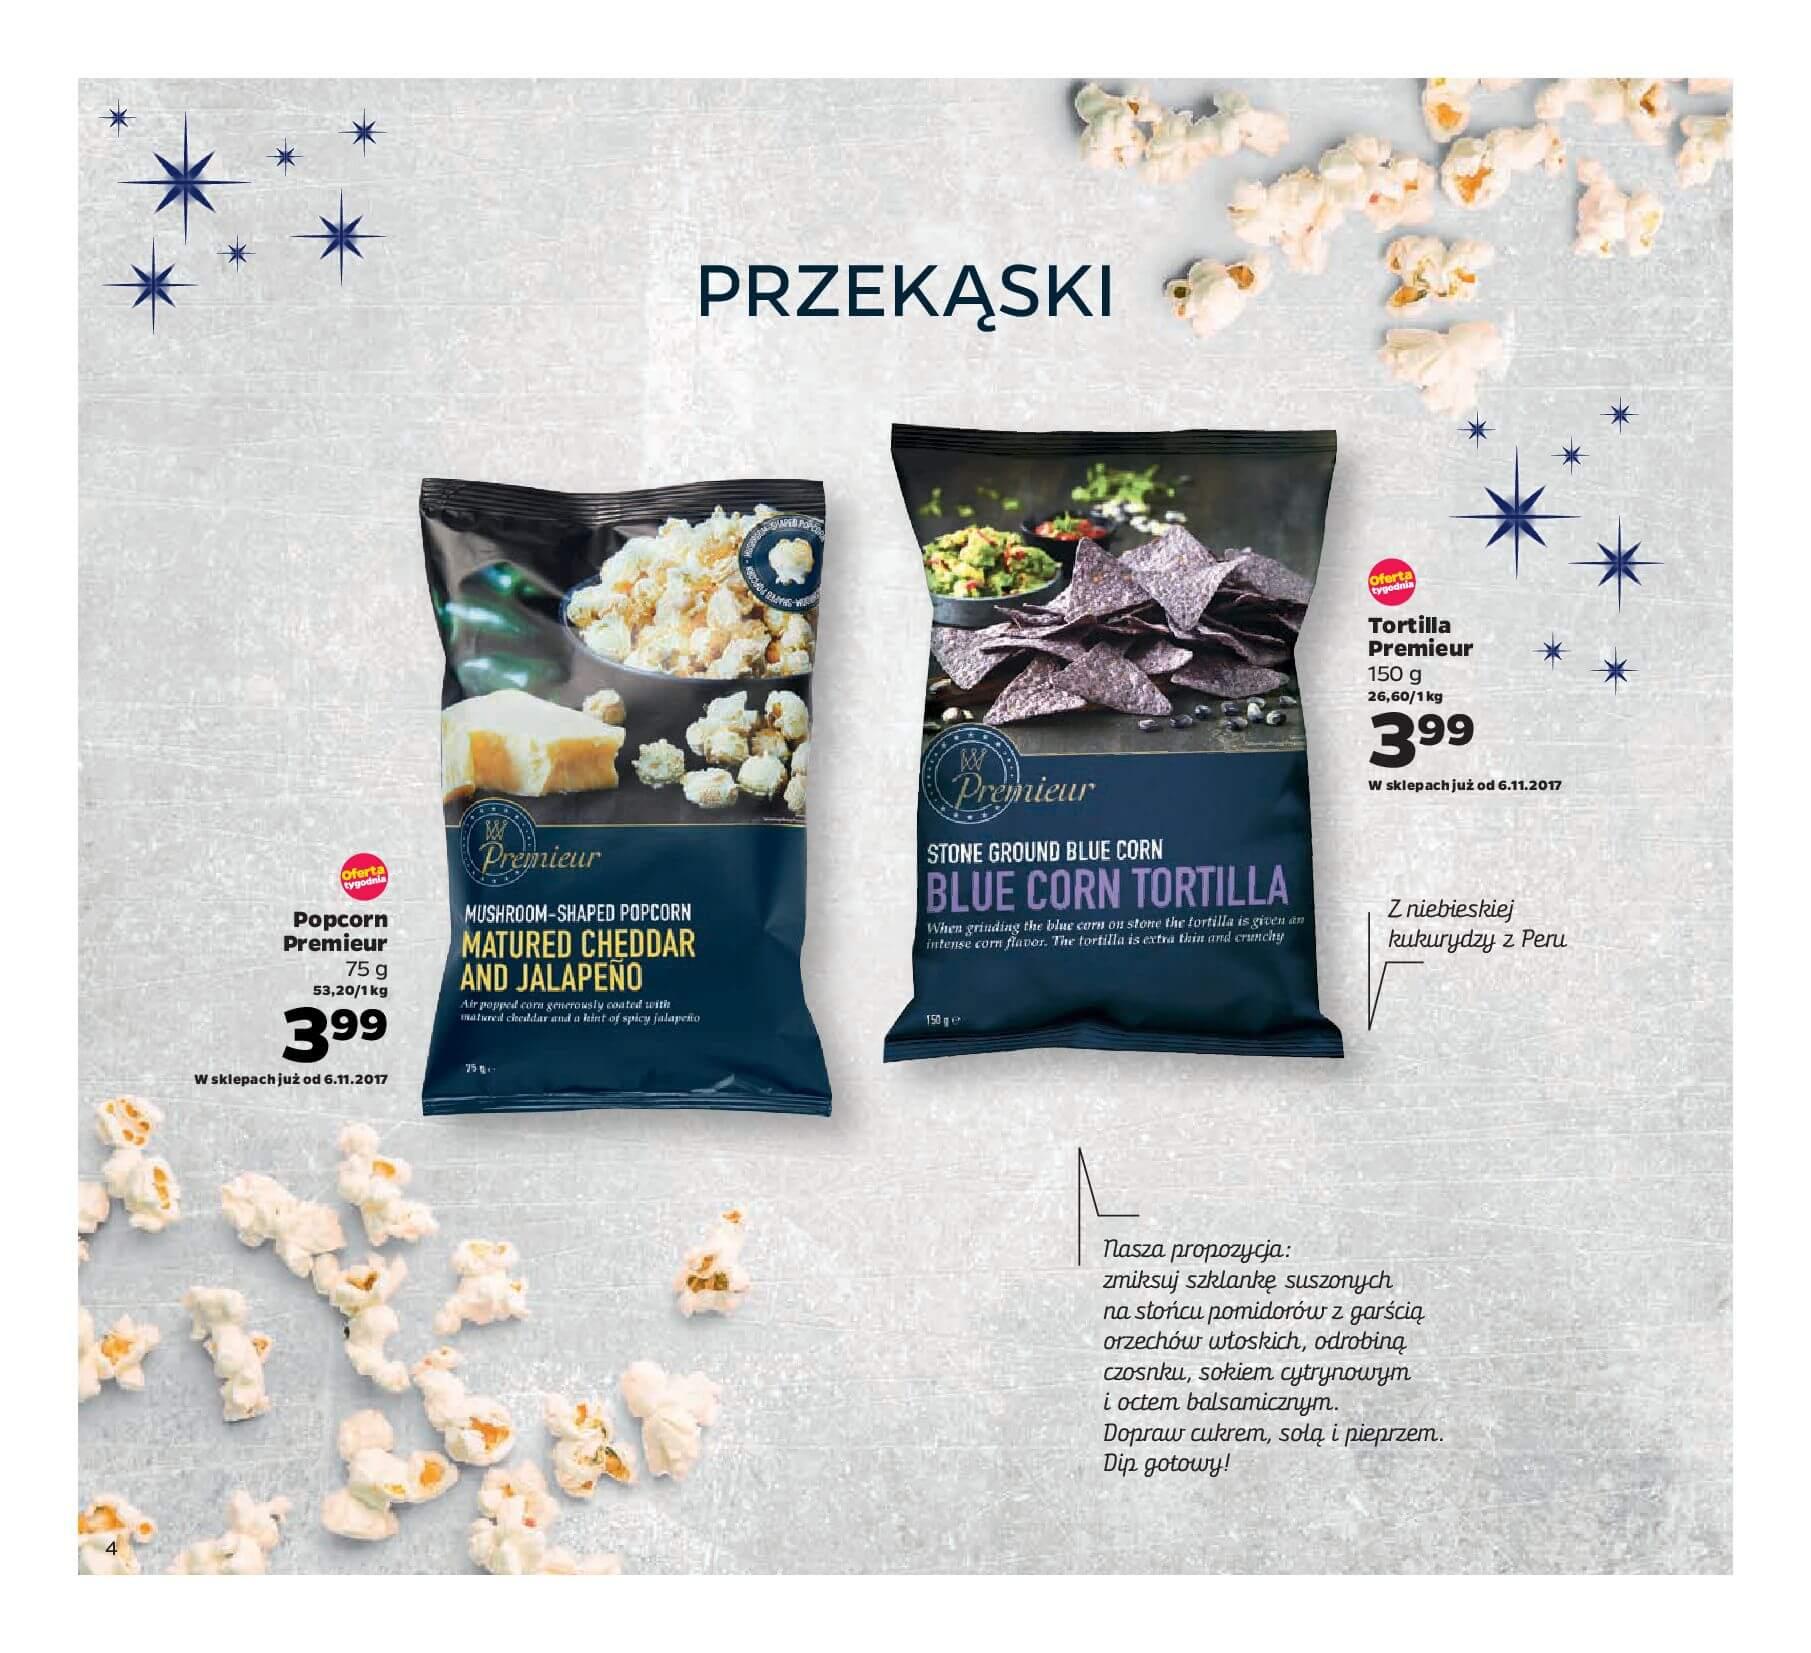 Gazetka Netto - Katalog-2017-11-19-2017-12-31-page-4